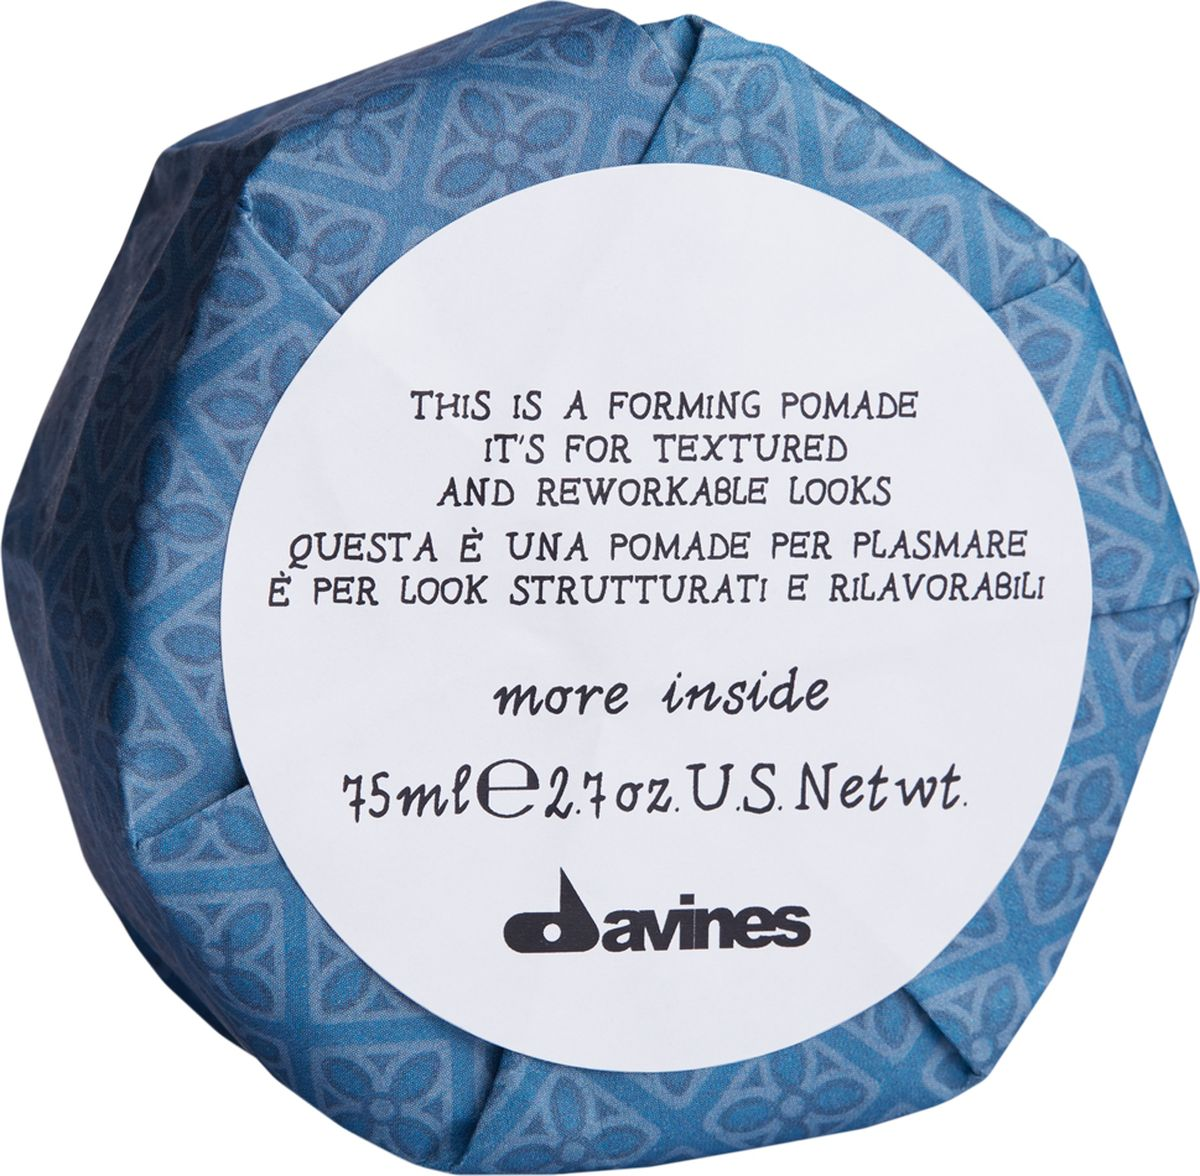 Davines More Inside Forming Pomade Моделирующая помада для текстурных и пластичных образов, 75 мл87057Воск-блеск Davines предназначен для придания волосам сияния. Легкая формула помогает быстро создать текстуру, подчеркнув блеск волосам. Укладка сохраняет пластичность, ее можно видоизменять при помощи расчески. Средство обеспечивает легкую степень фиксации. Объем: 75 мл